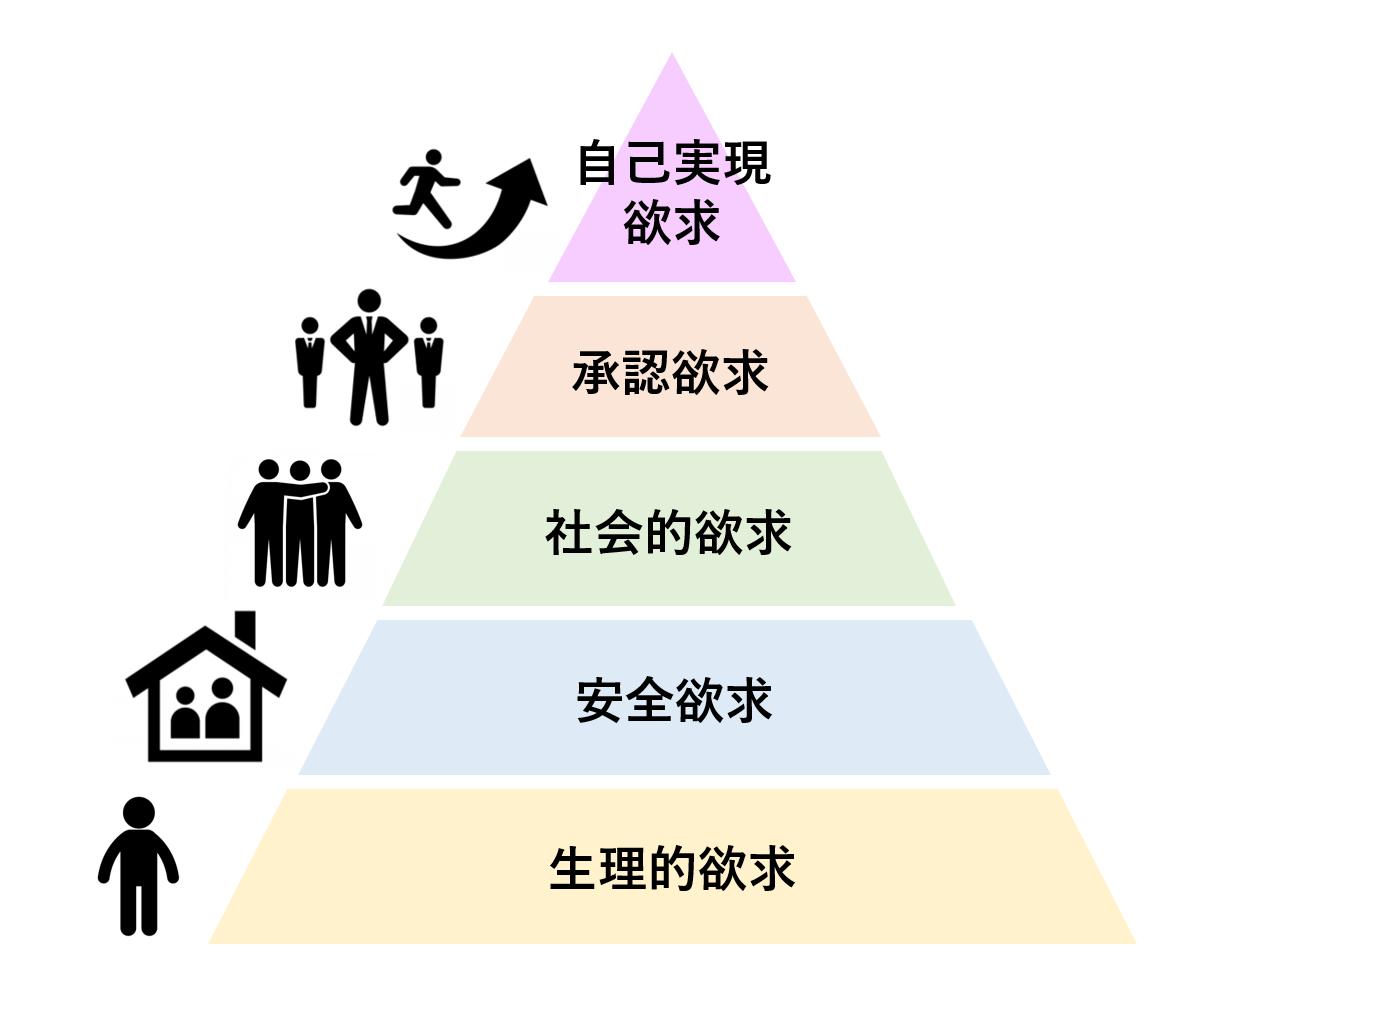 子育ての大変さ 「マズローの欲求5段階説」から考えてみる